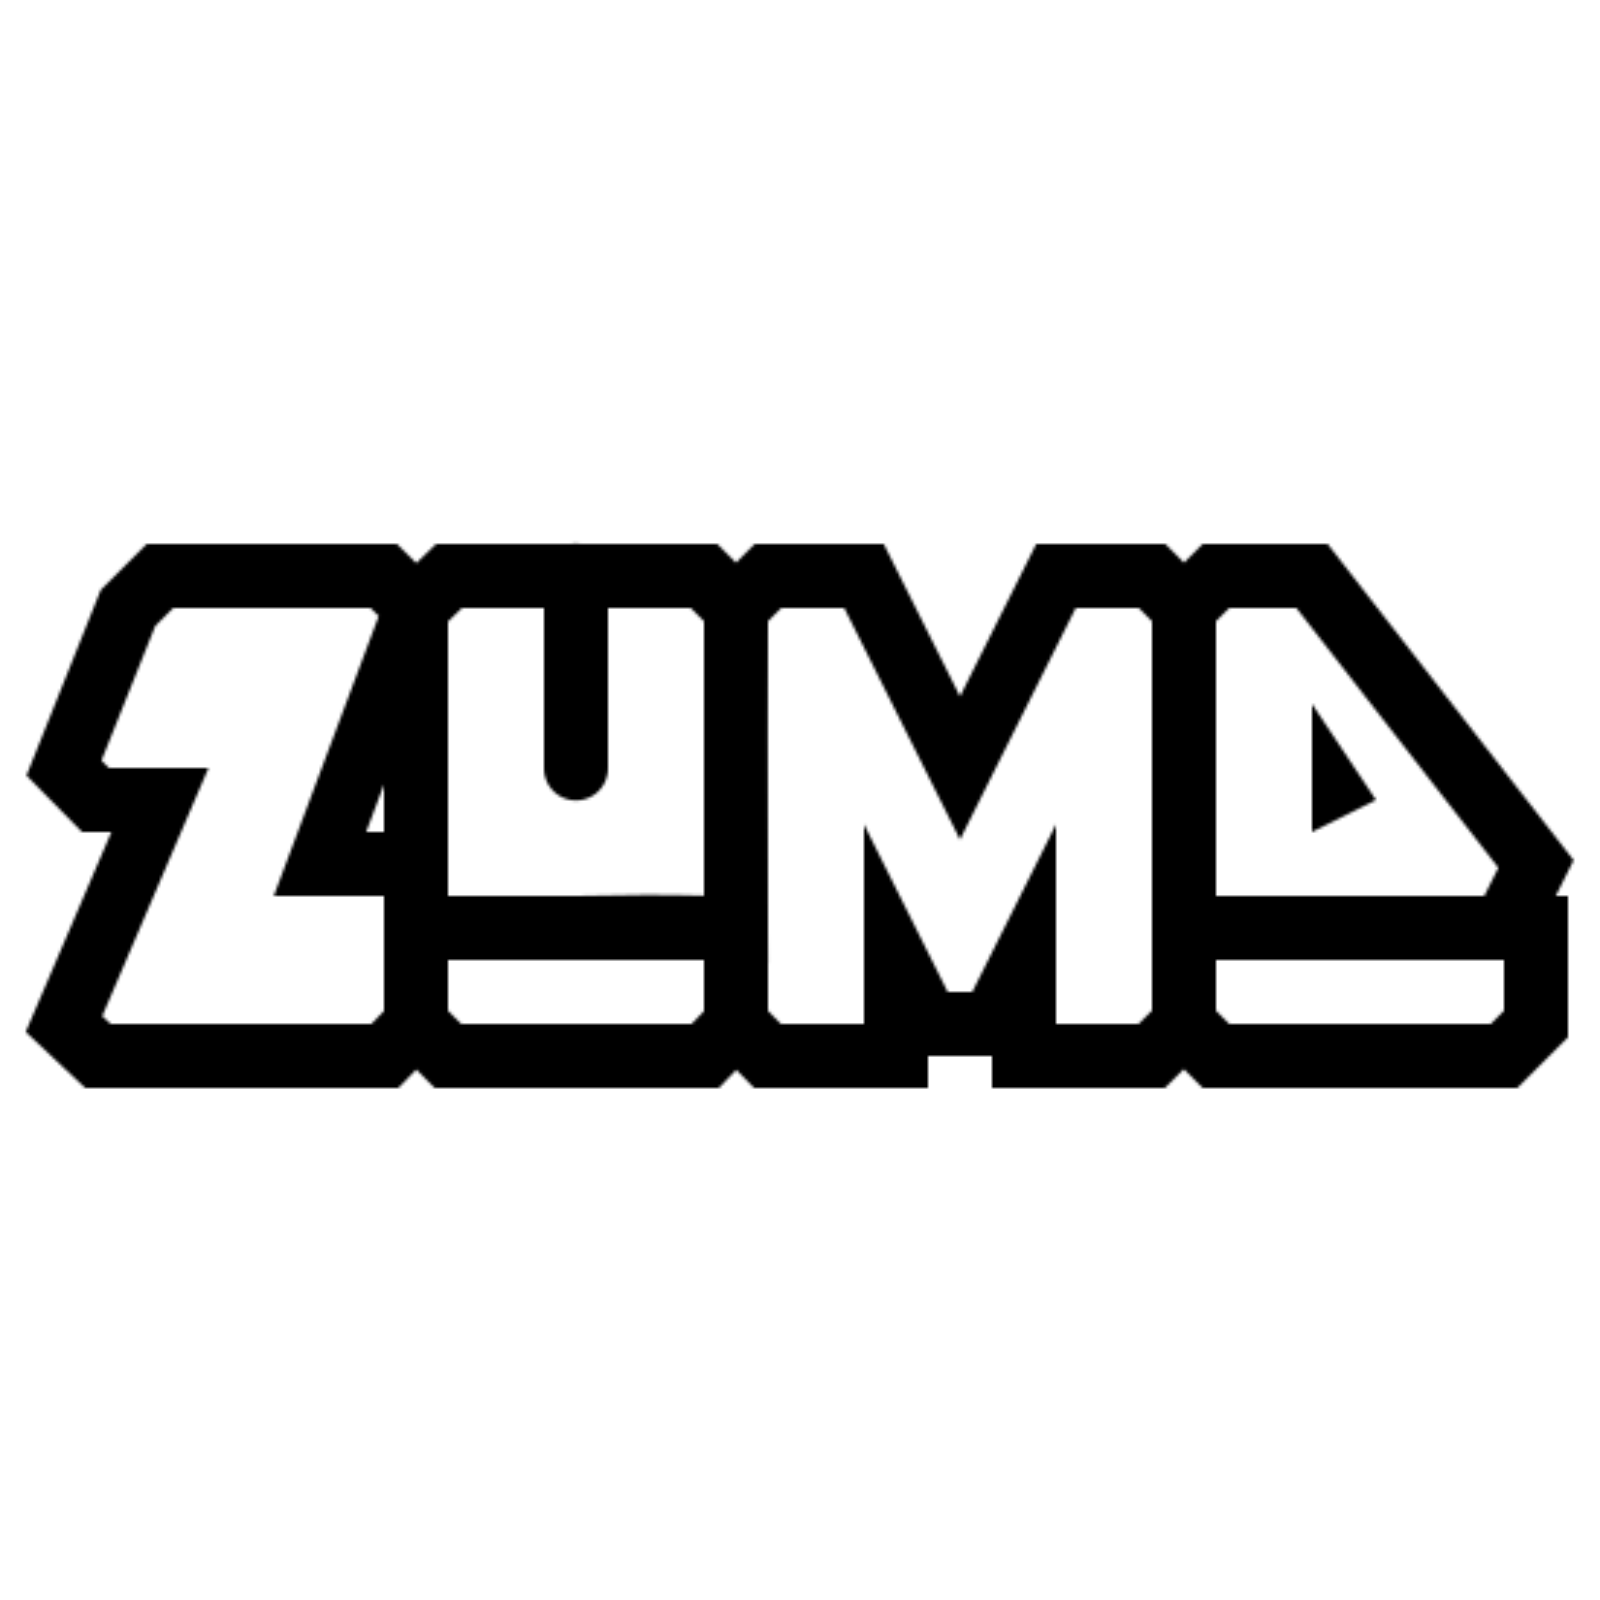 Zuma icon